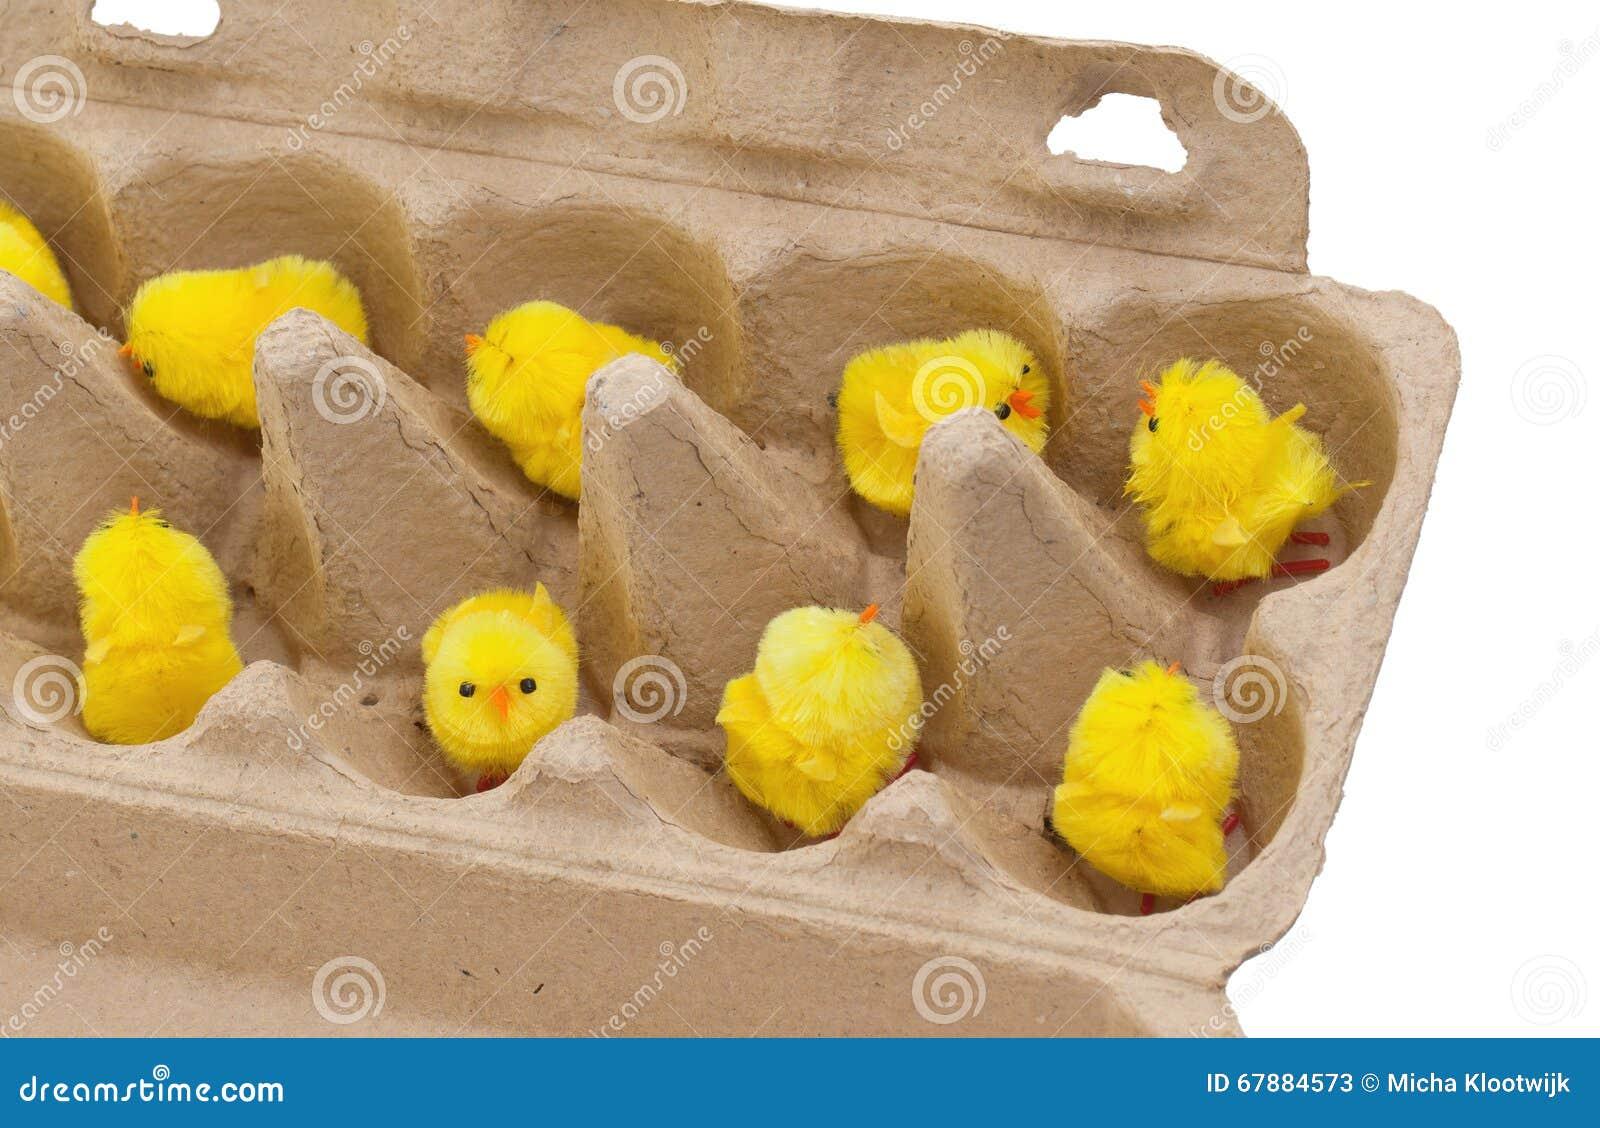 Poussins de Pâques dans une boîte à oeufs